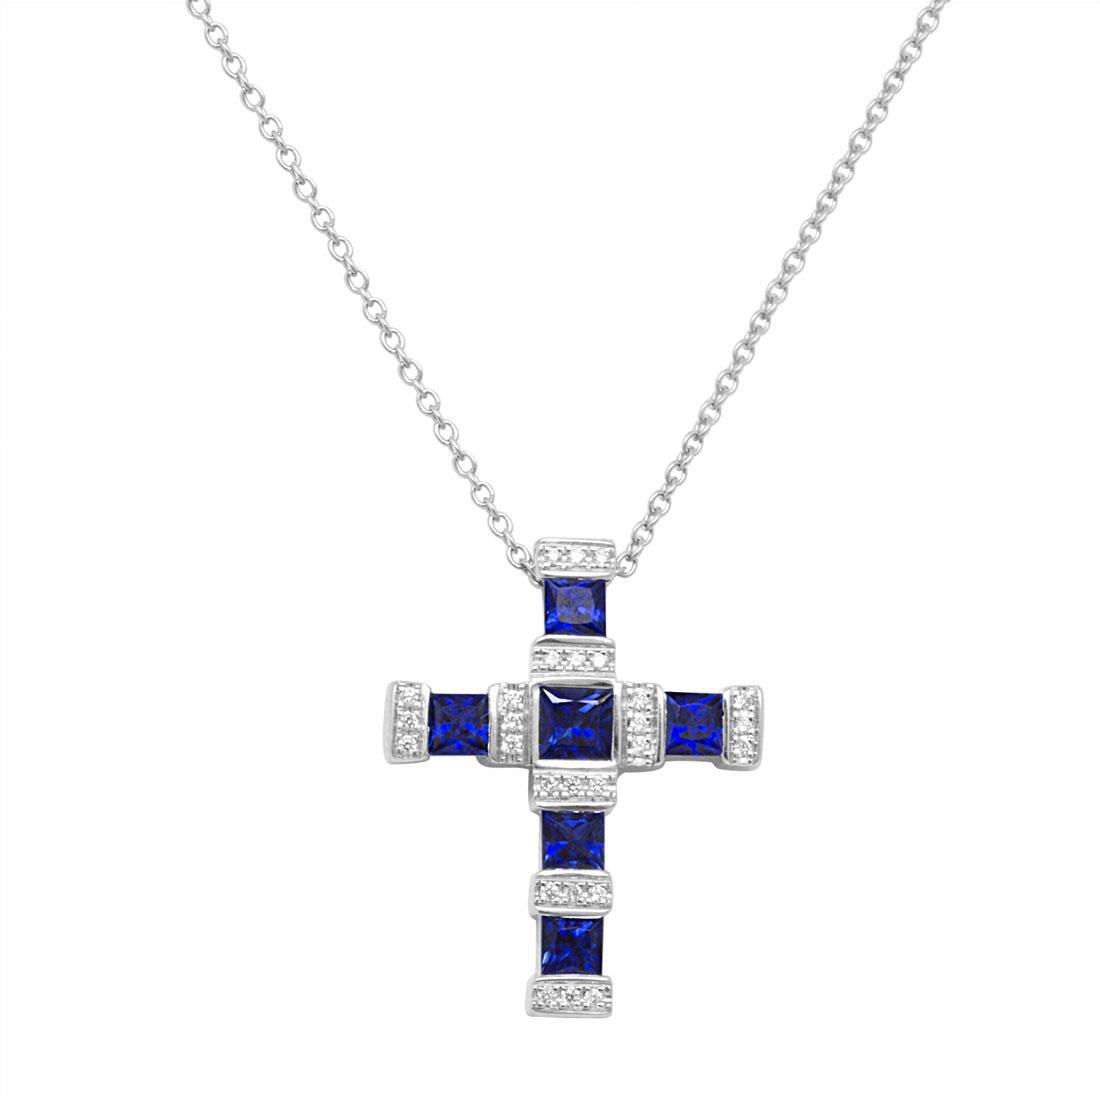 Collana croce con diamanti ct 0.08 e zaffiri ct 1.00 - SALVINI